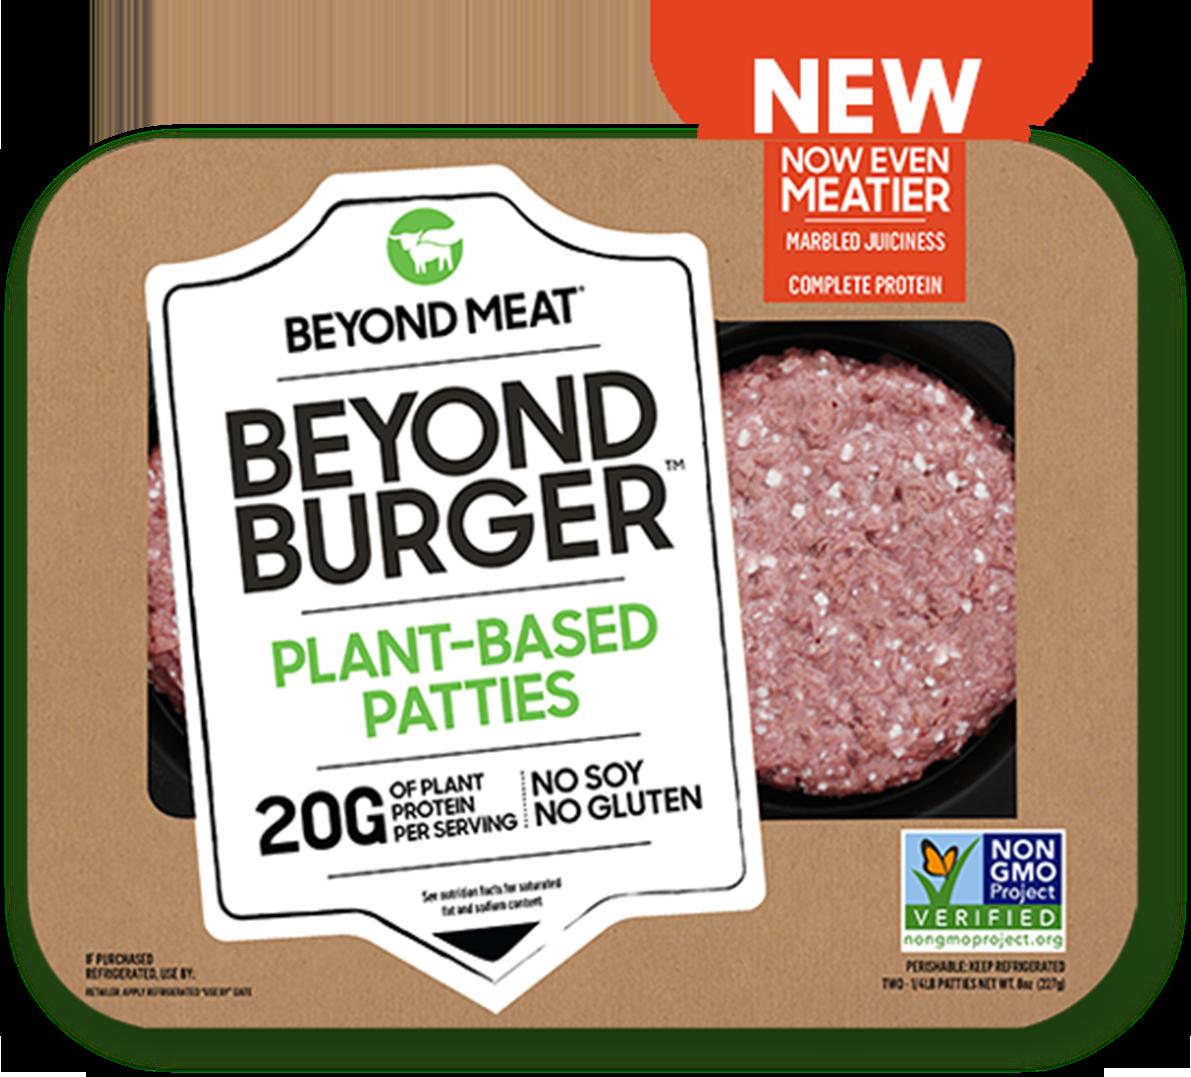 fake meat image